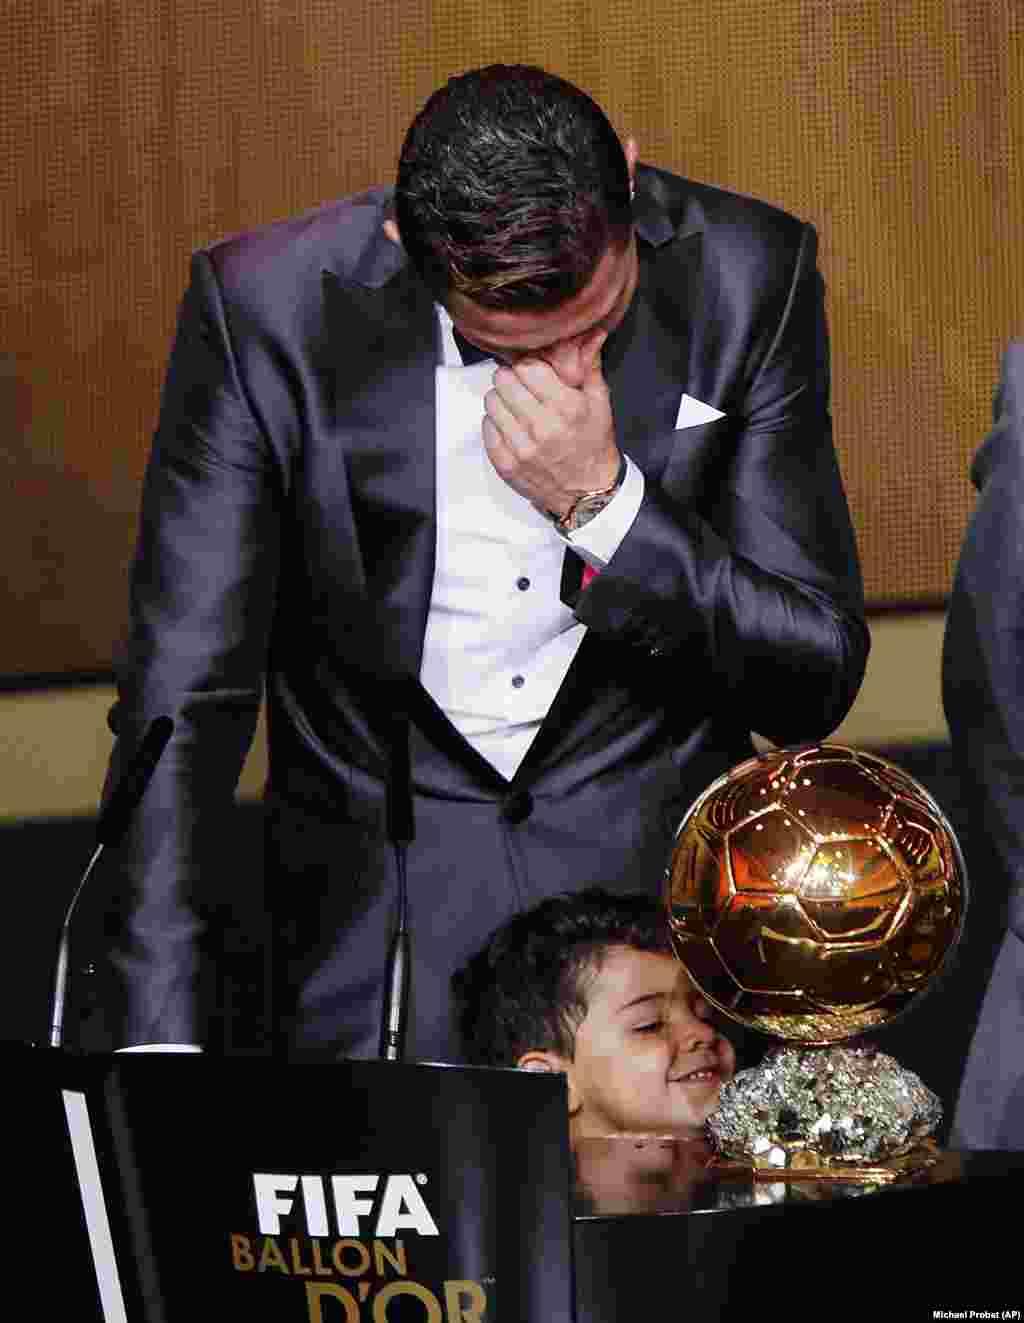 Cristiano Ronaldo chora ao receber a Bola de Ouro. Gala FIFA Bola de Ouro 2013, Suíça. Jan. 13, 2014